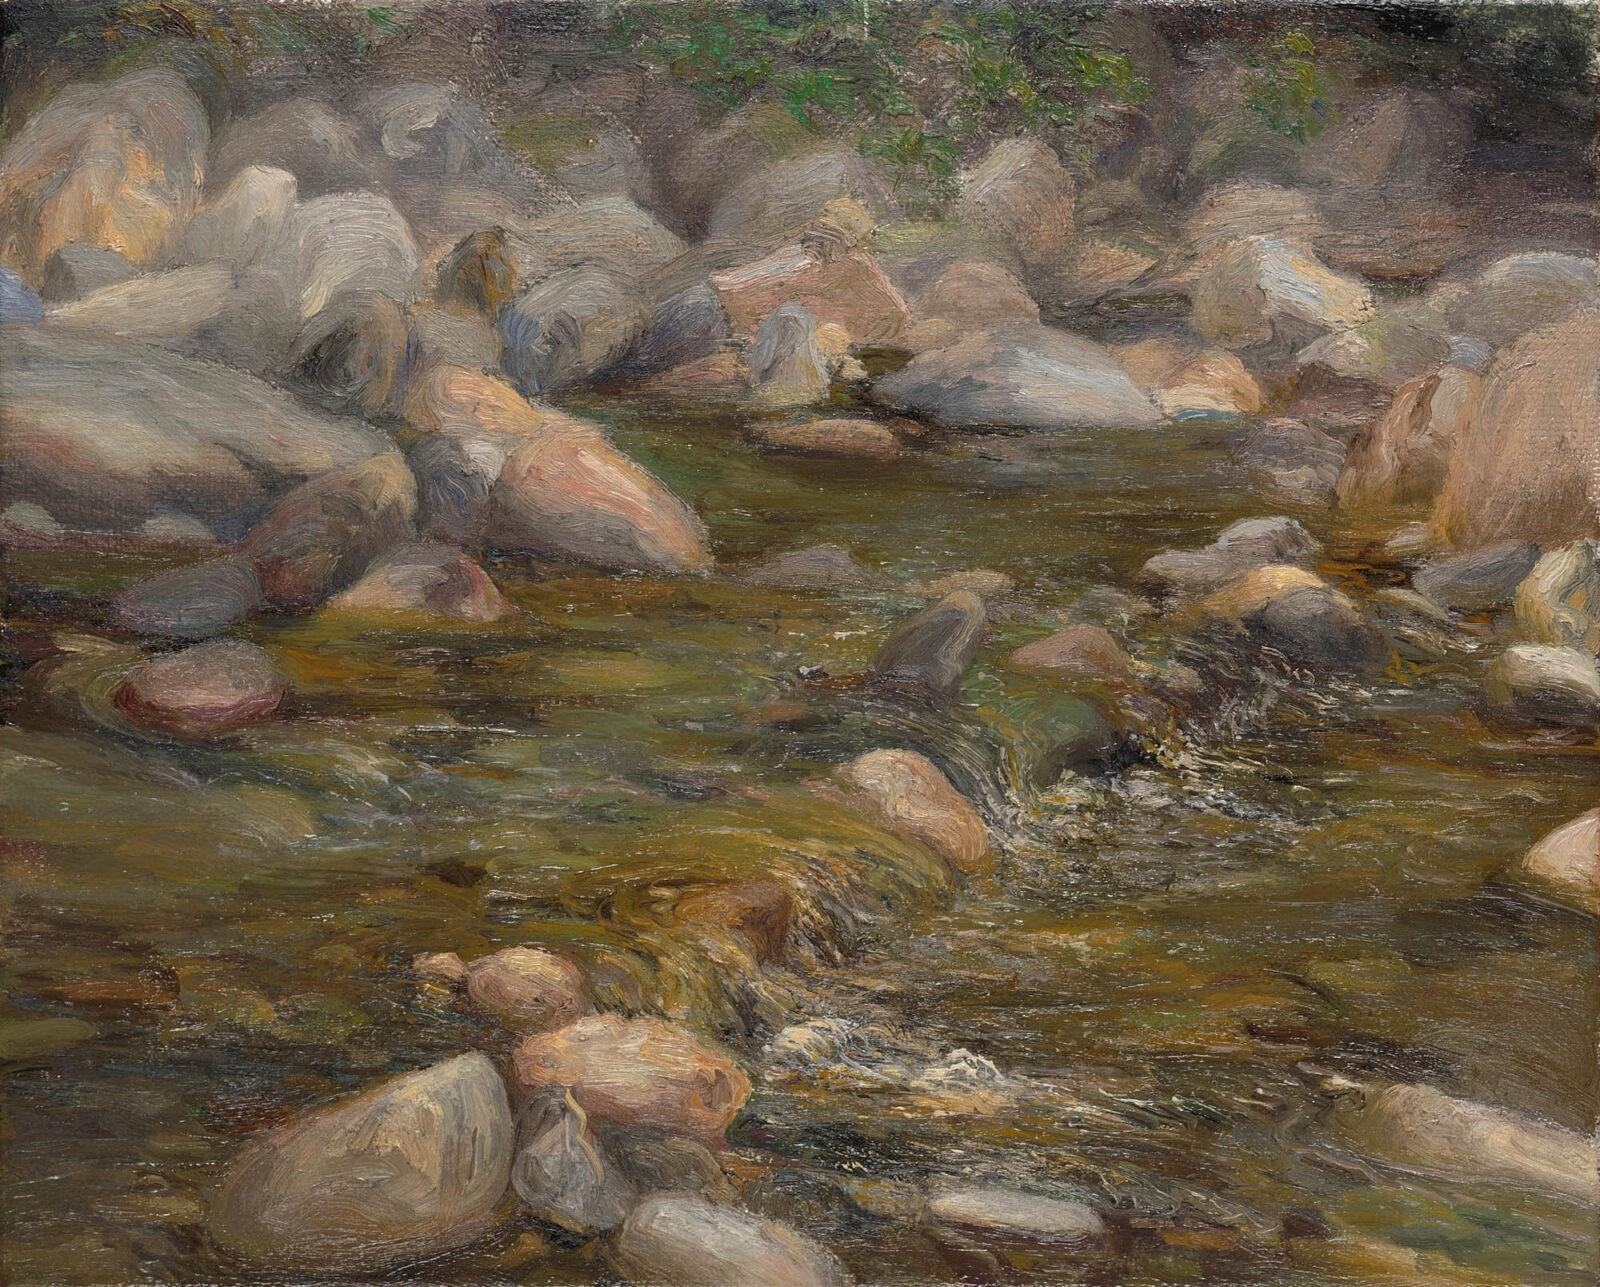 Liza Visagie - Riverscape #3. Oil on Linen 9 x 11 inches